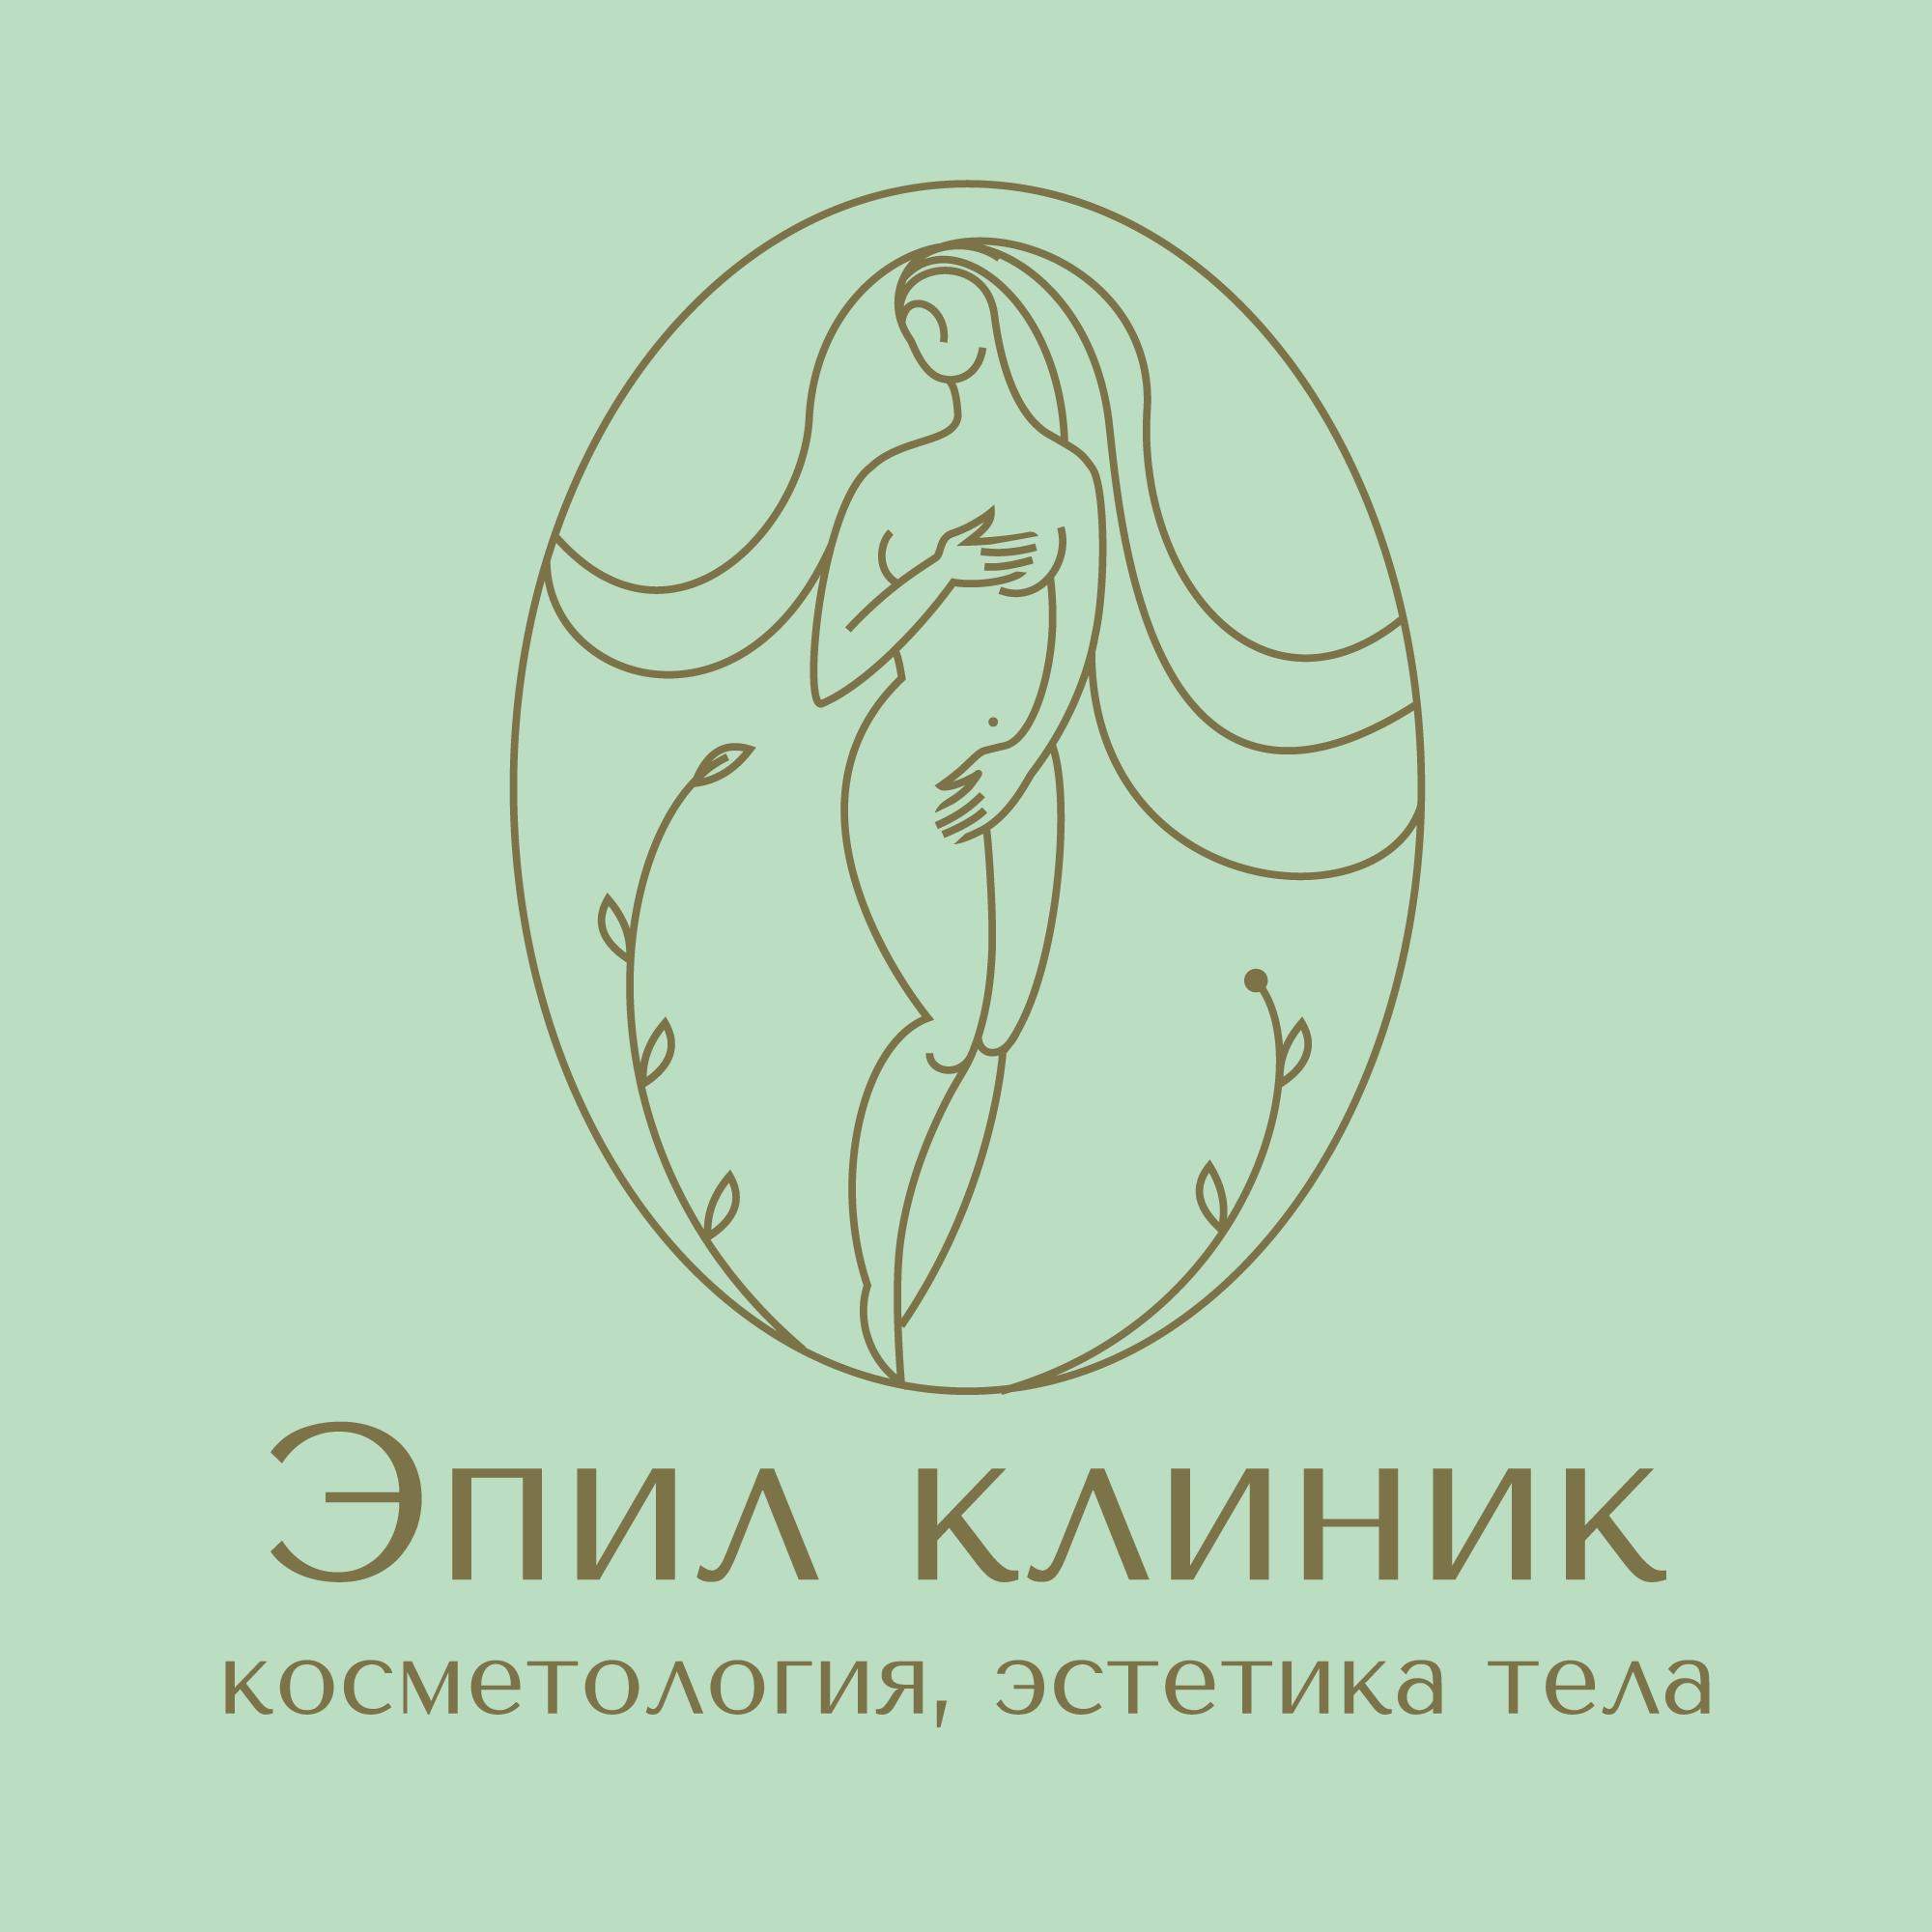 Логотип , фирменный стиль  фото f_0875e1cb100883e8.png